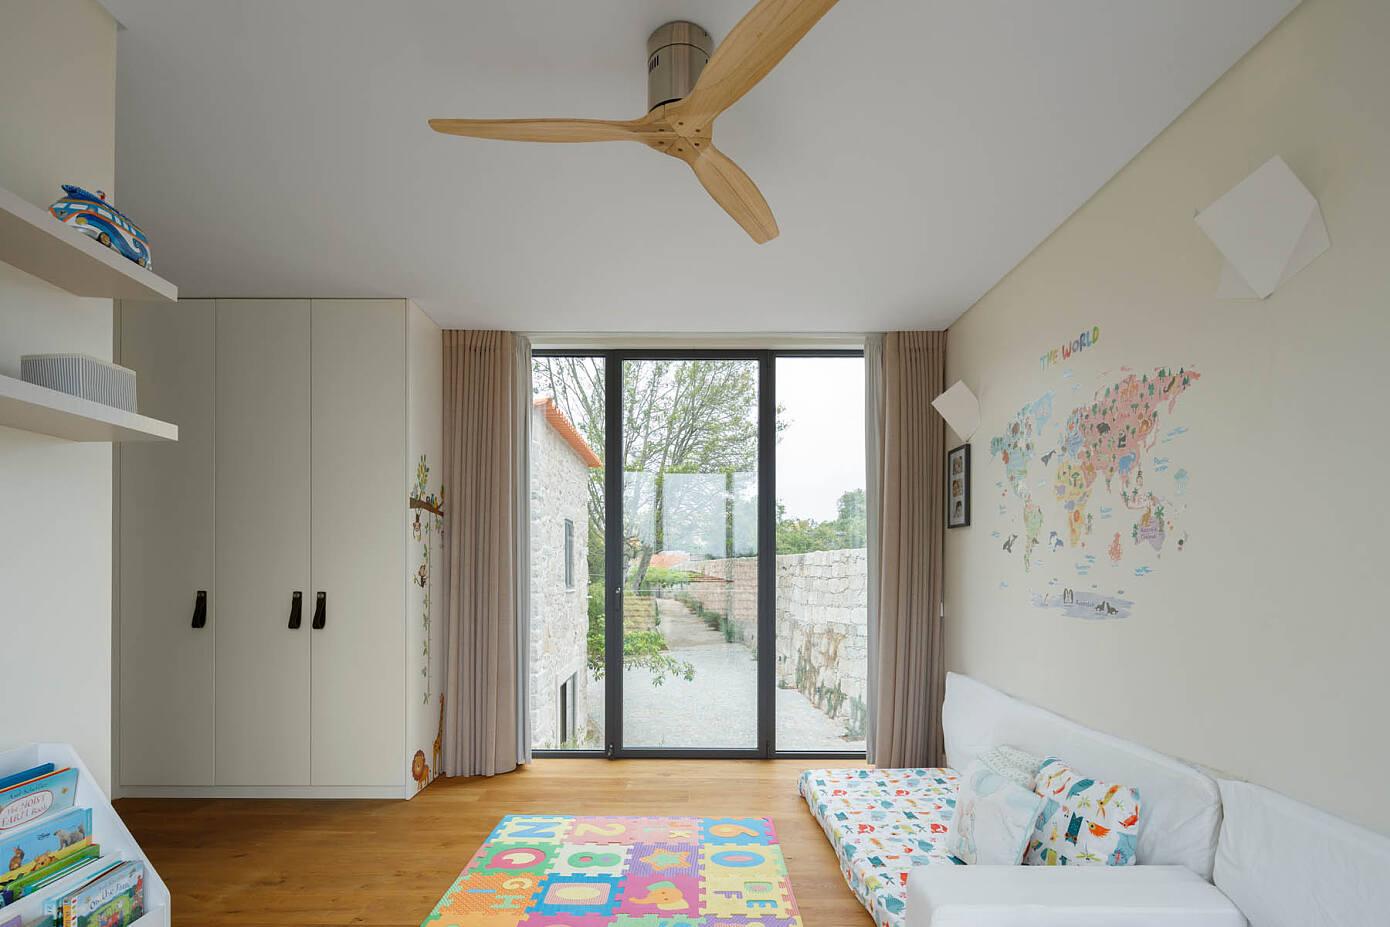 Casa da Calçada by Ren Ito